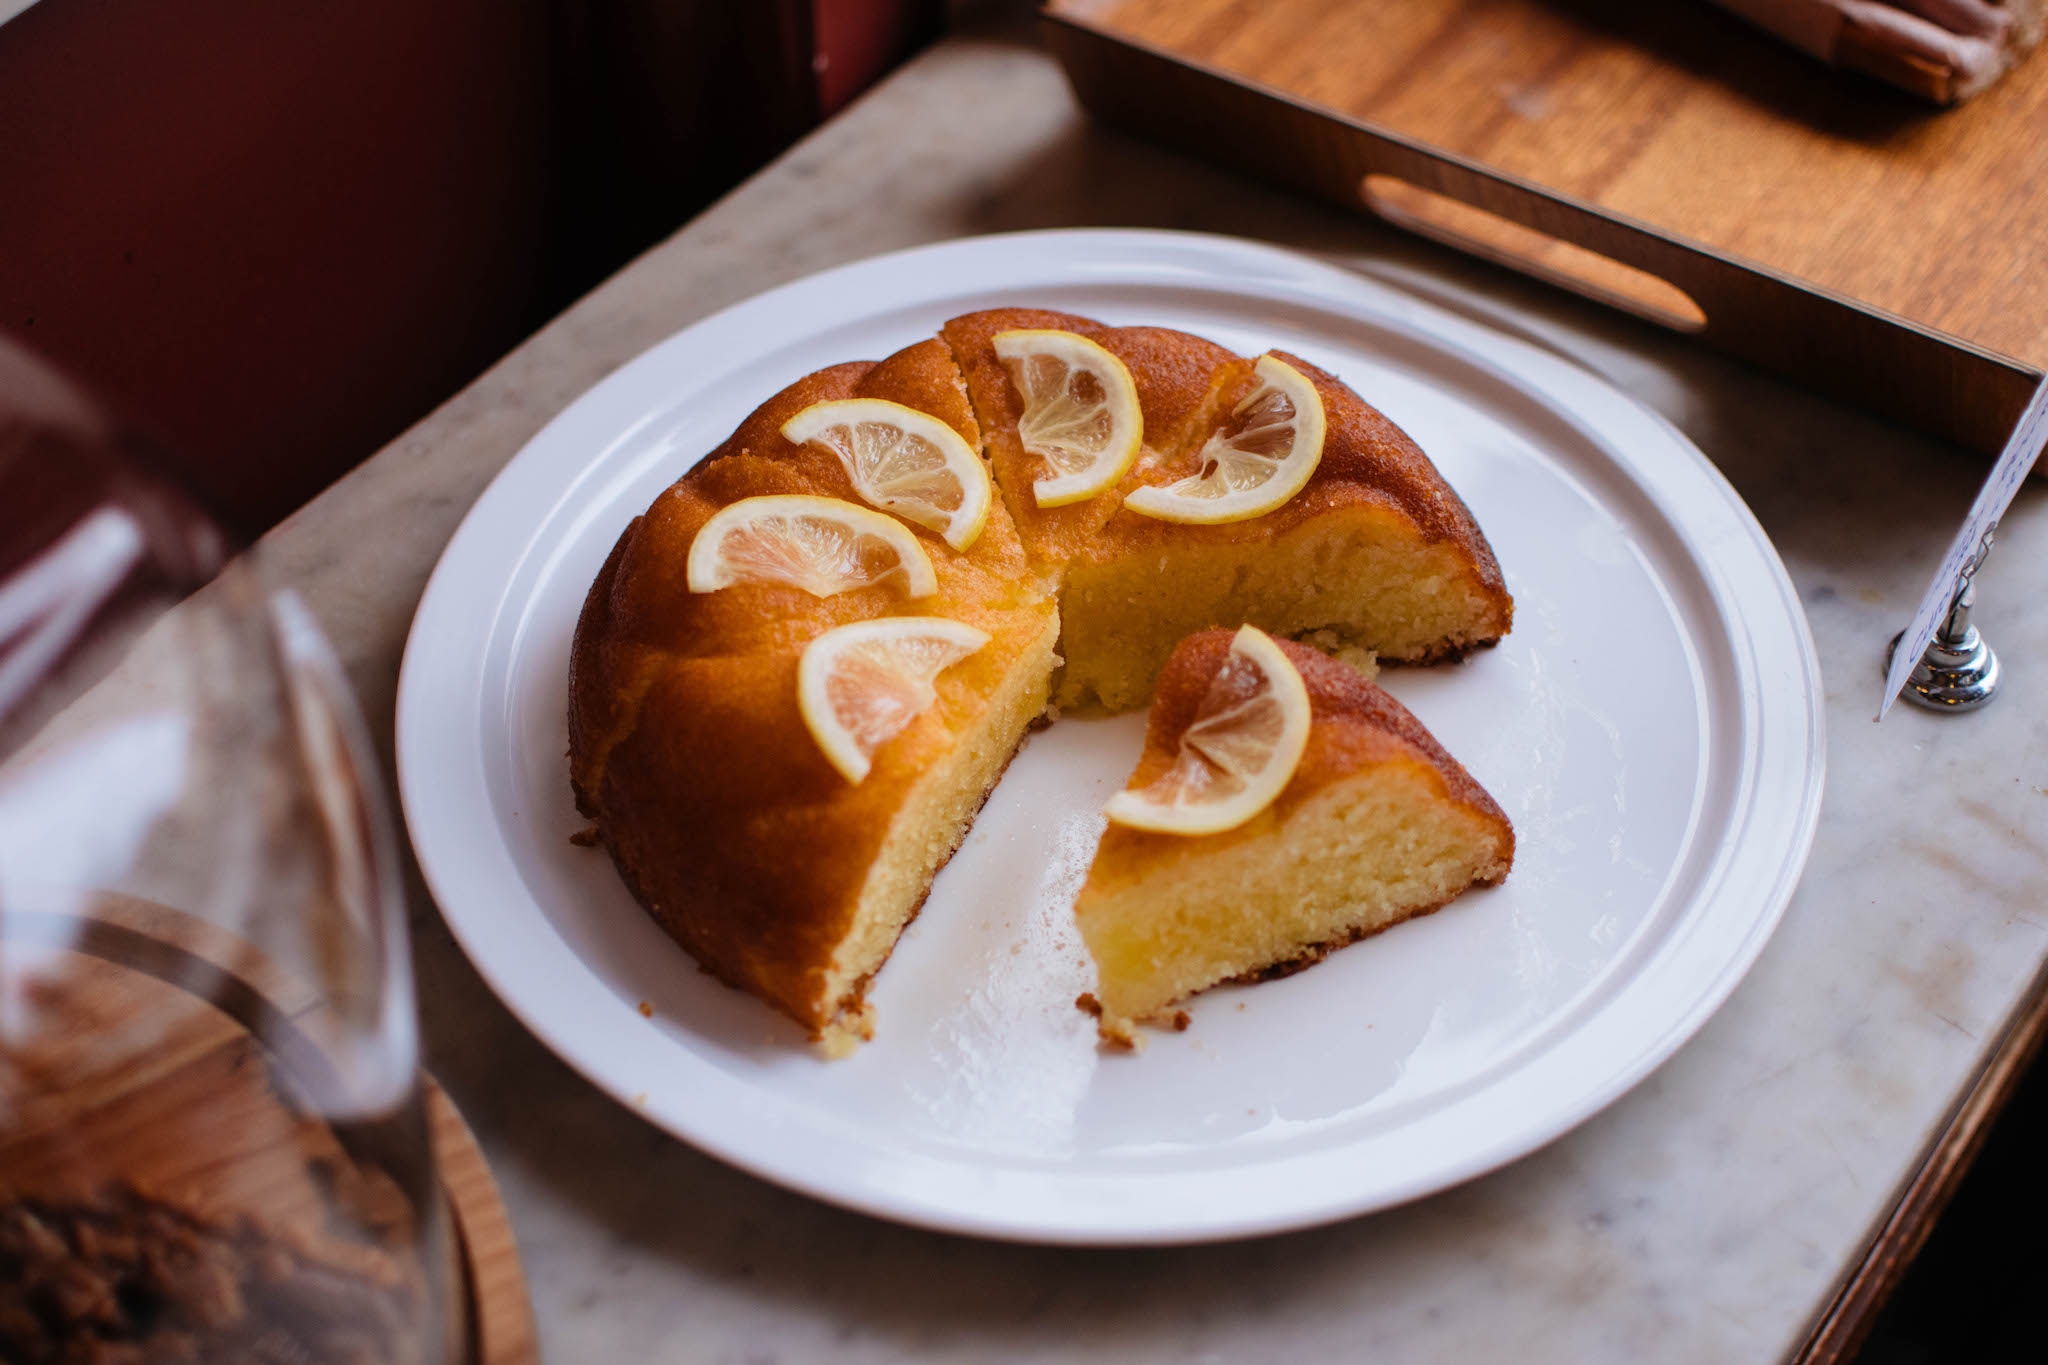 Spongy lemon cake at Fontaine de Bellville café, located in the 10th arrondissement of Paris.